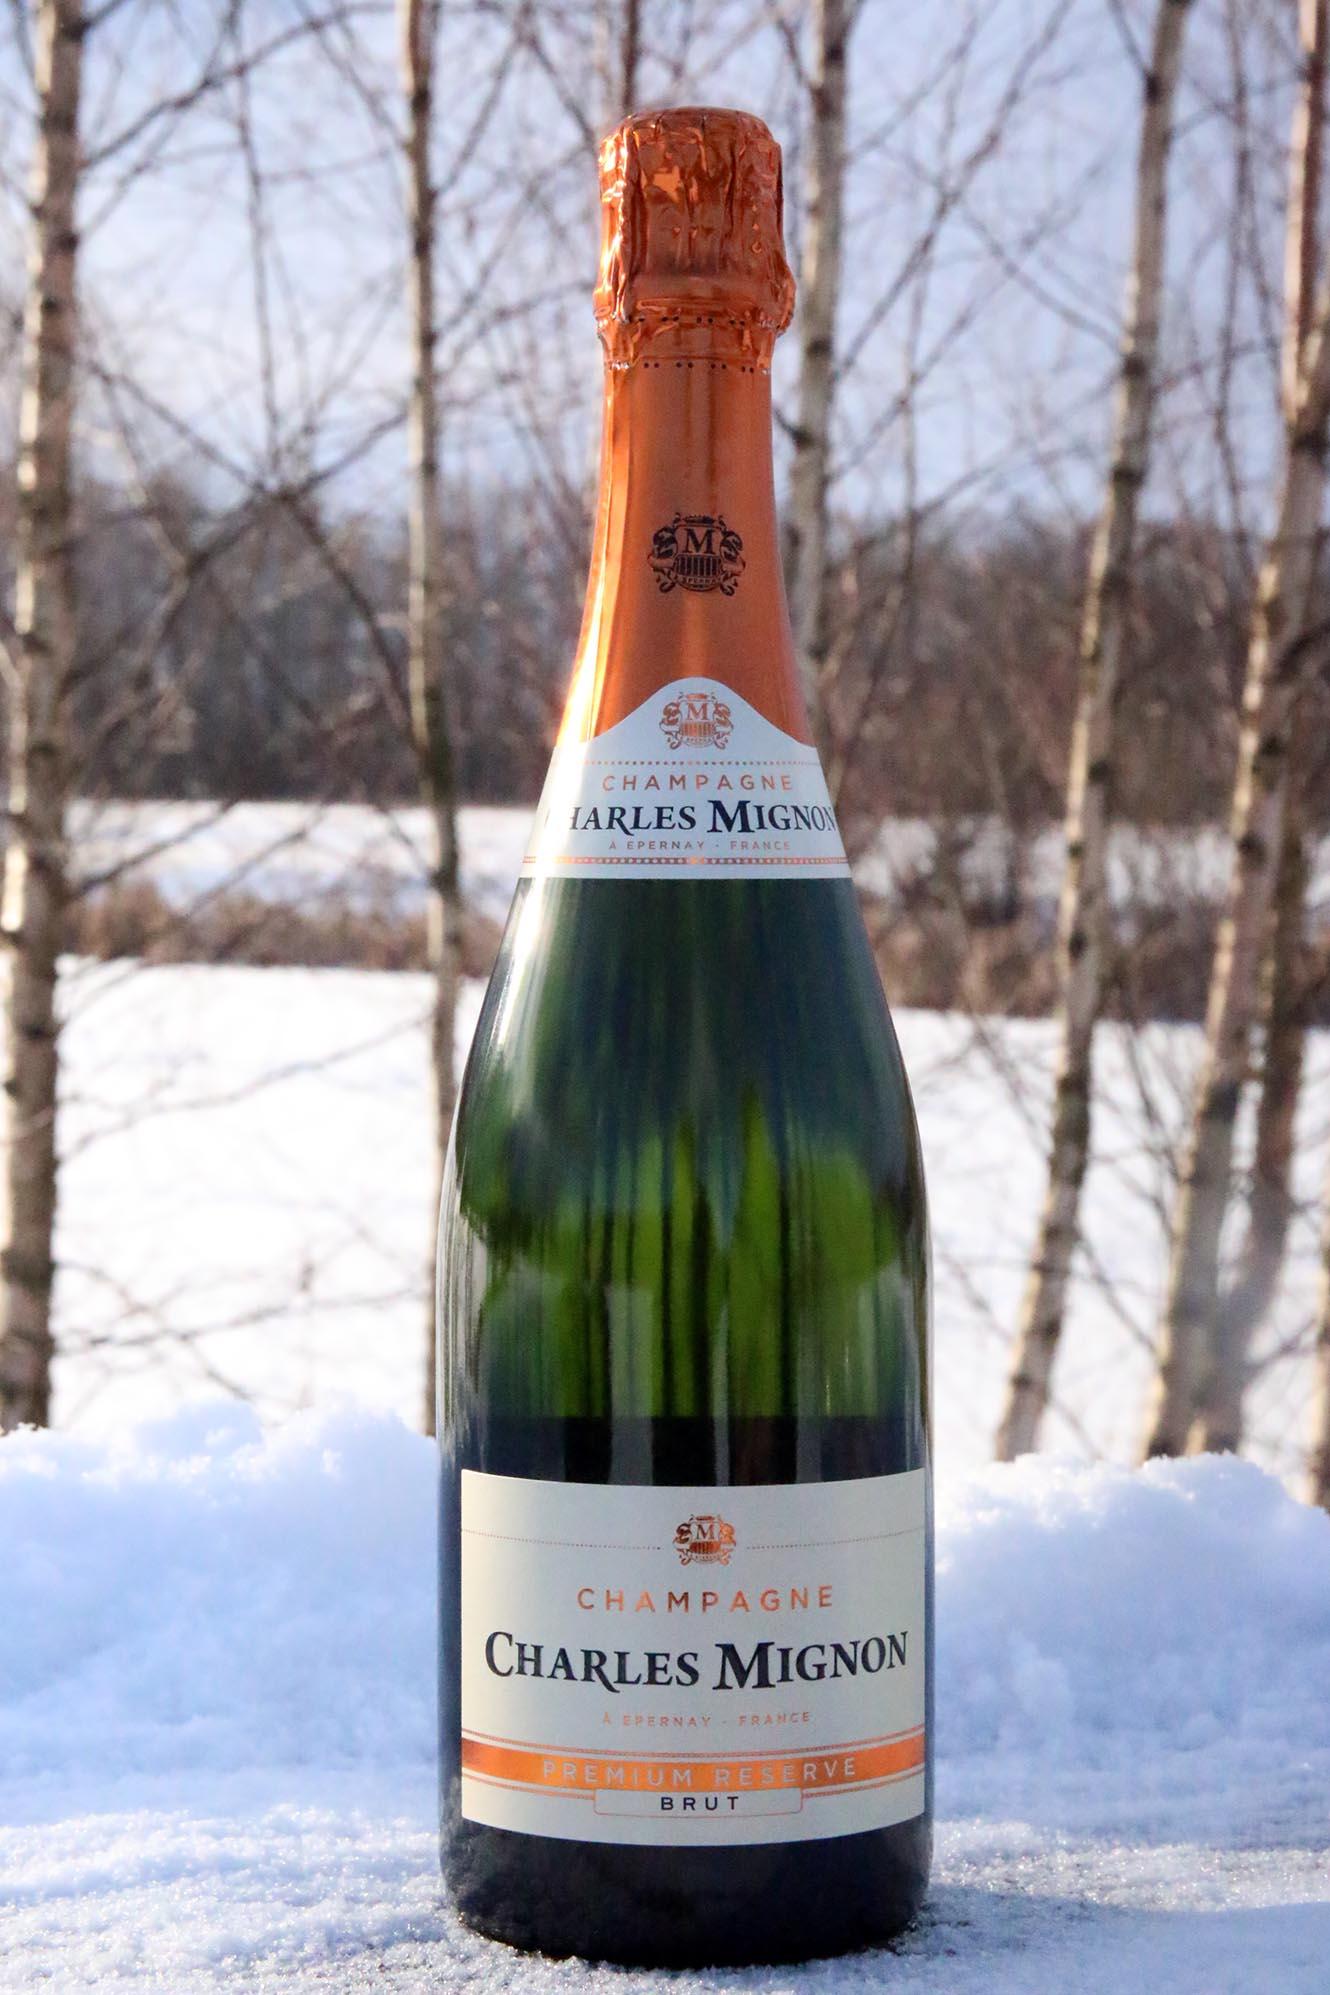 Att unna sig champagne utan en speciell anledning!